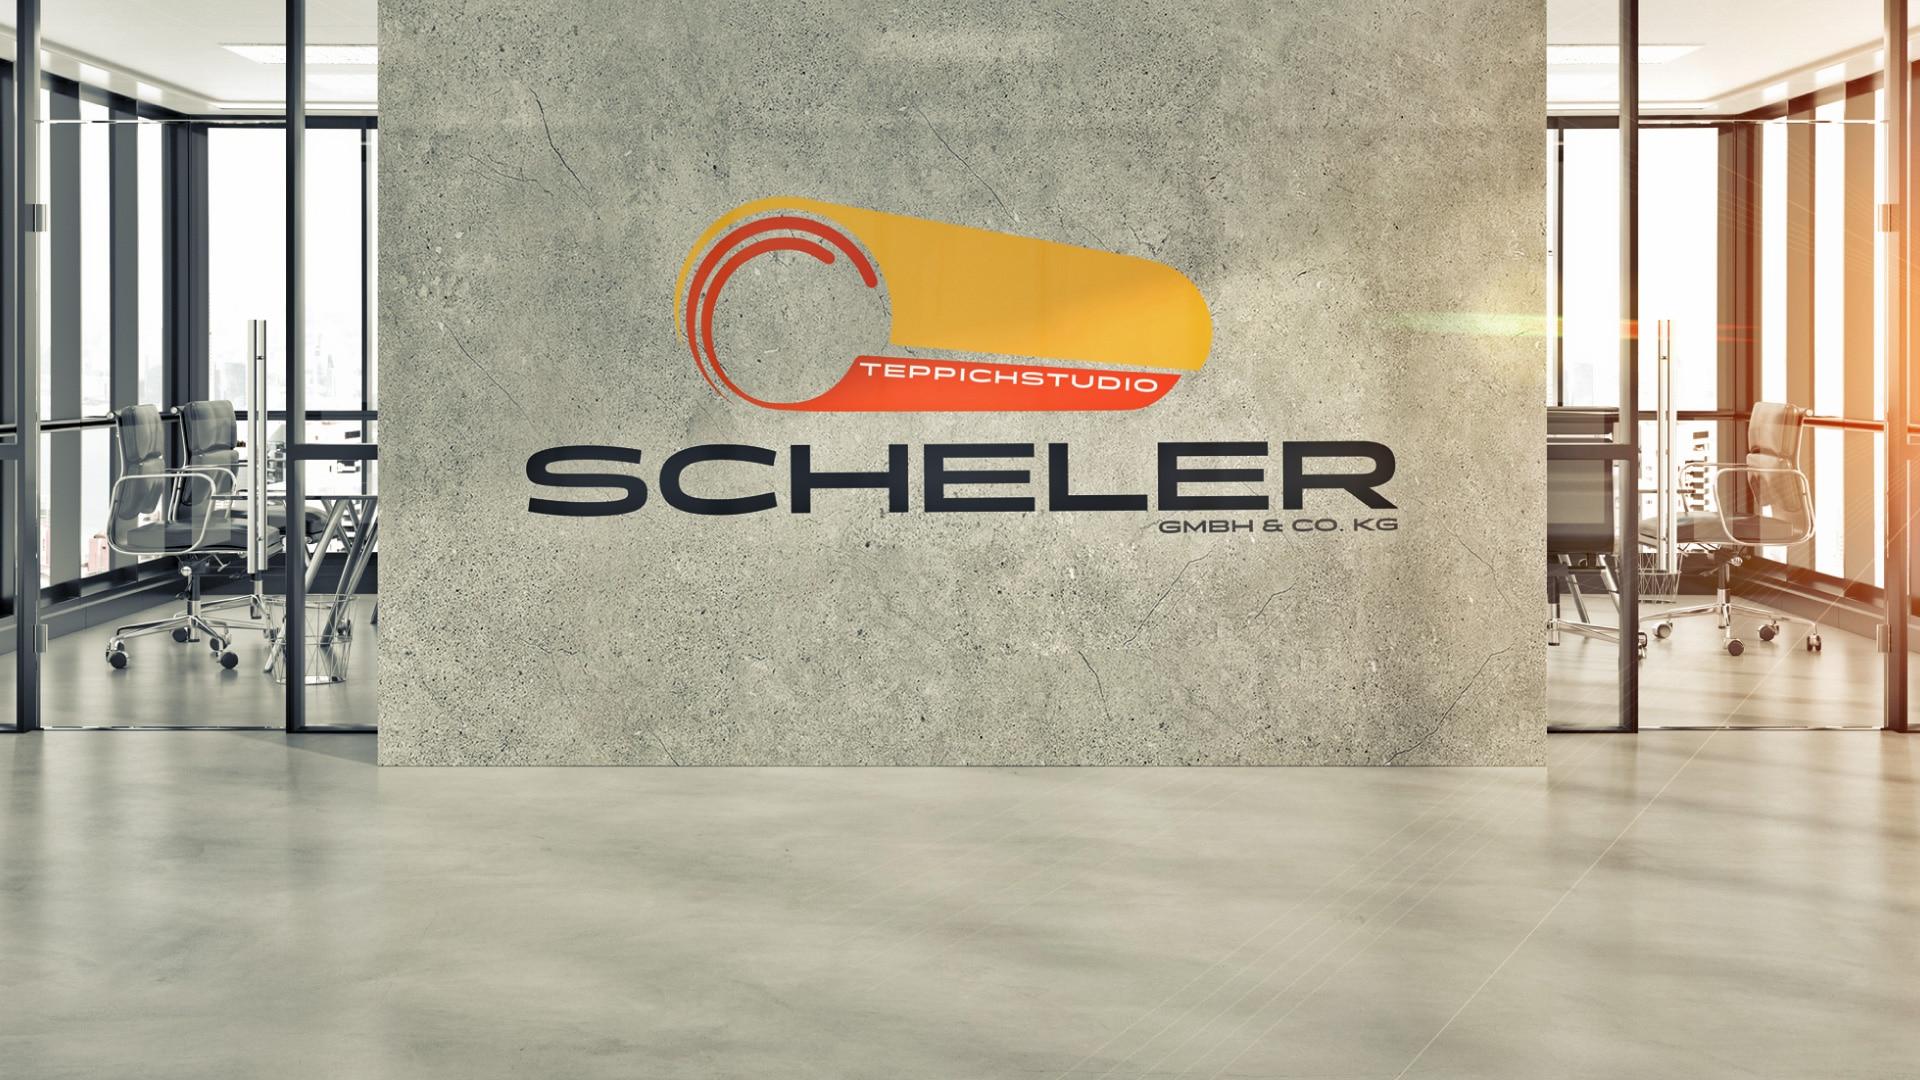 Bodenbeläge l Teppichböden l Service - Teppichstudio Scheler